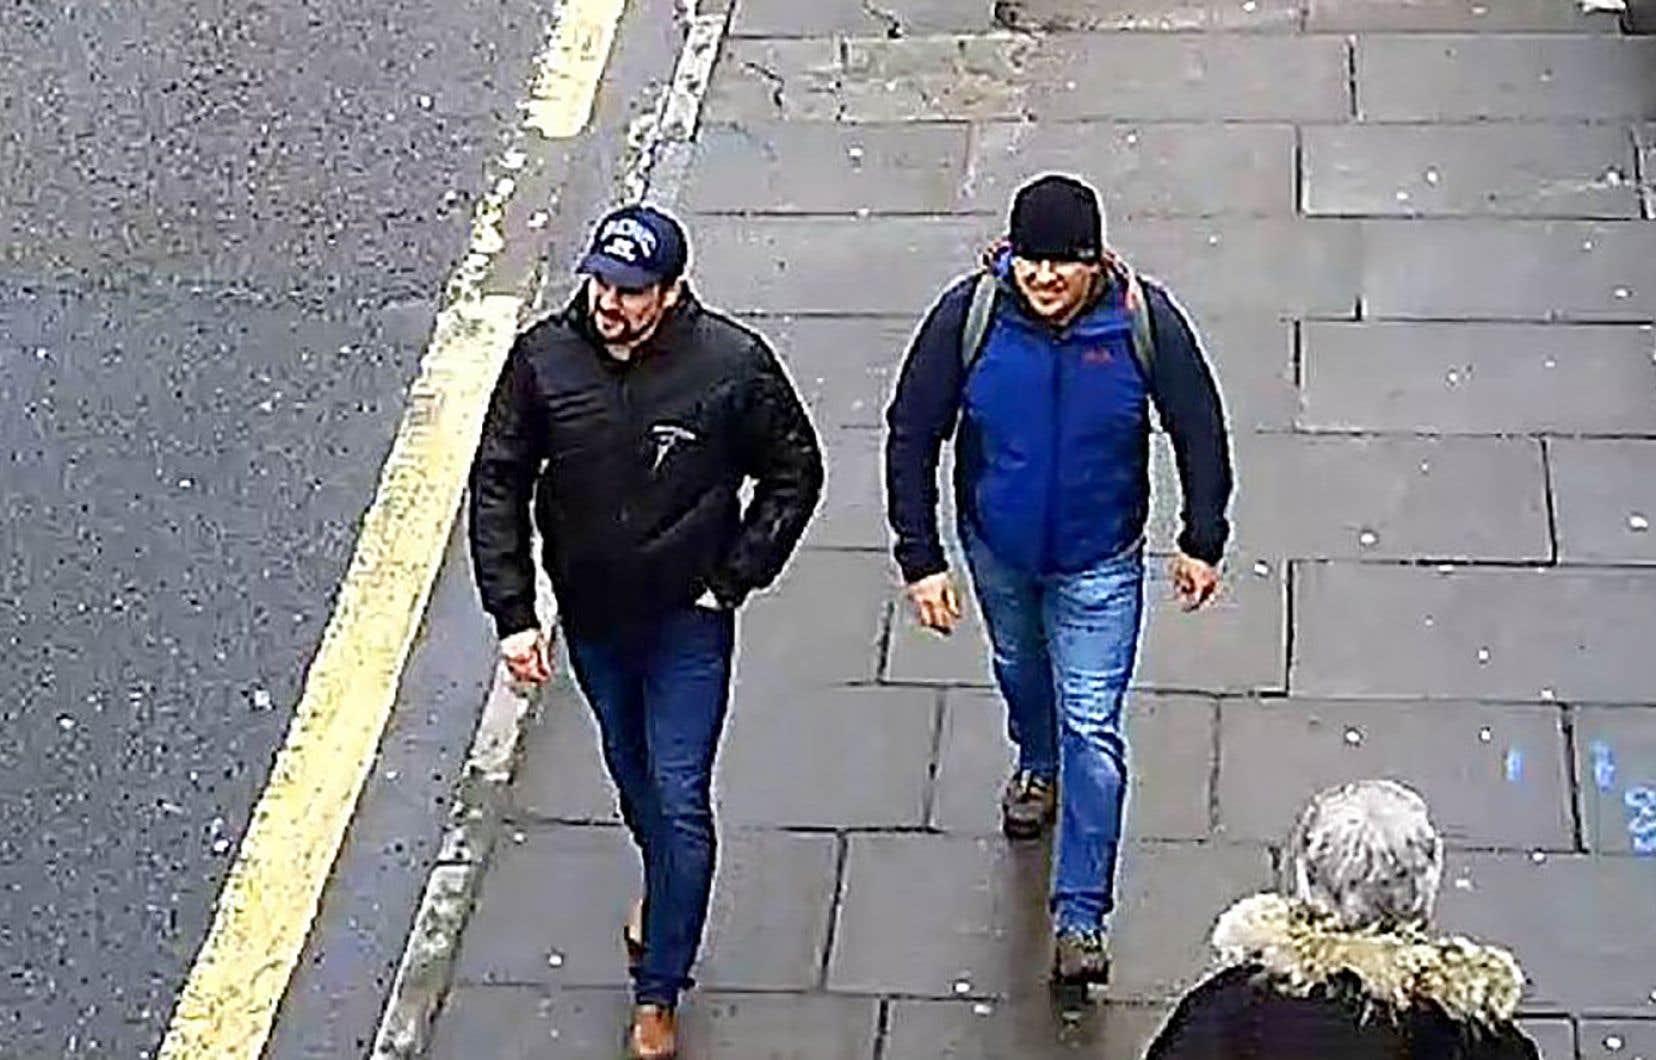 Alexander Petrov et Ruslan Bochirov sont recherchés par la police britannique.